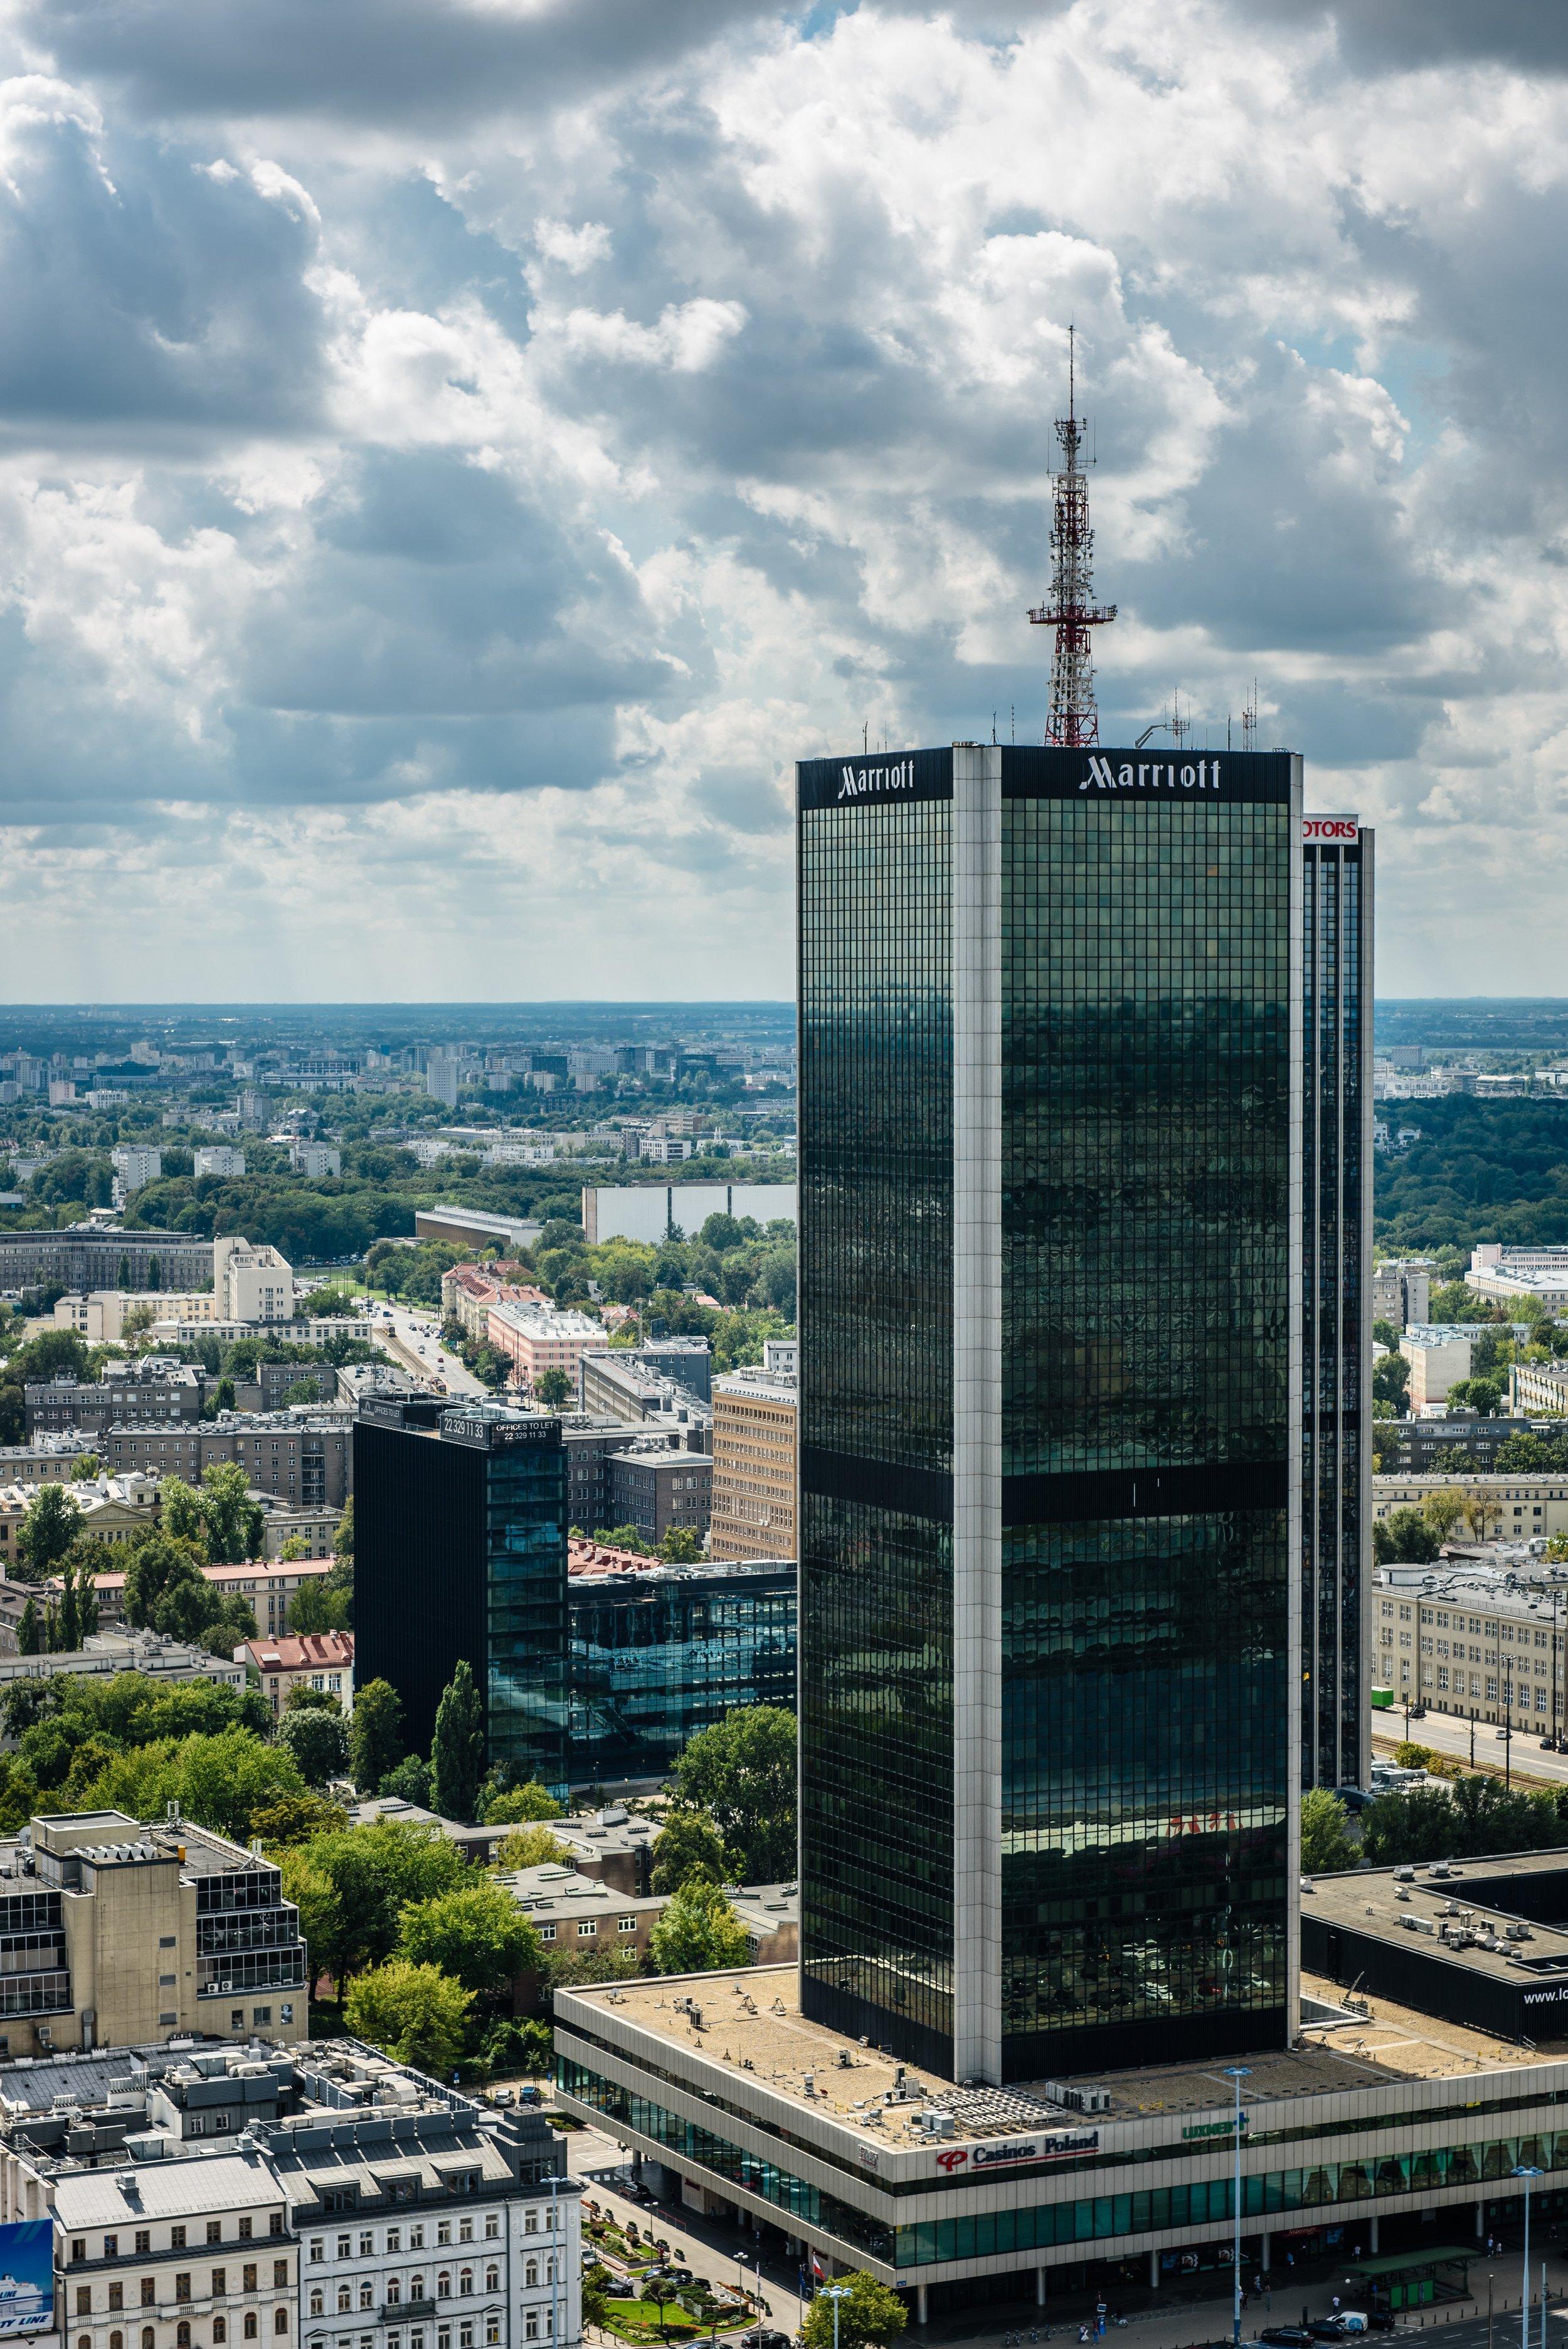 Marriott in Warsaw, Poland. Photo credit:   Michal Mrozek